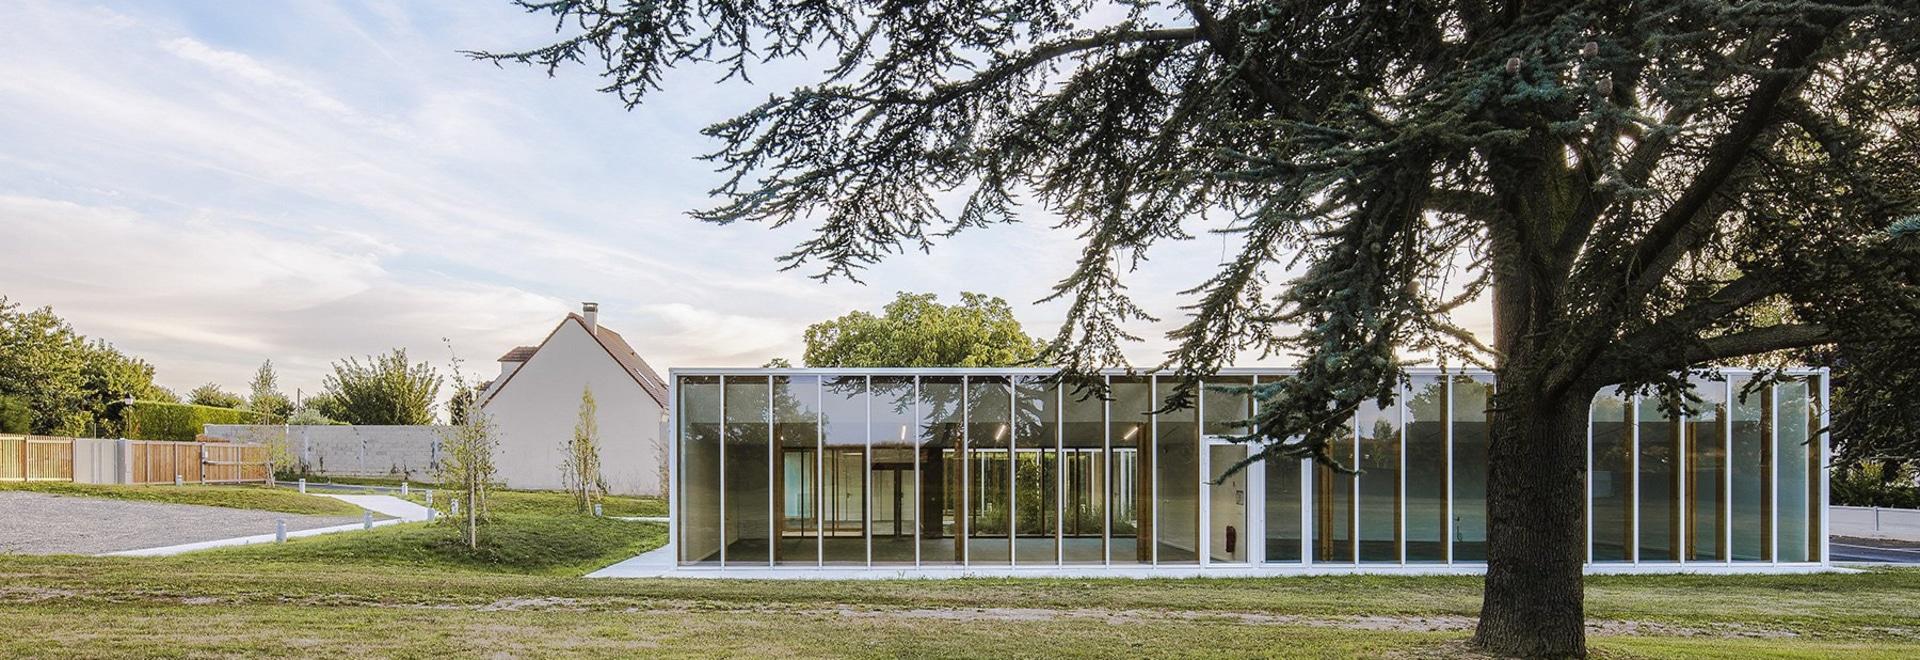 Los architectes de NZI aplican fachadas esmaltadas para traer la luz en centro del ocio en Francia